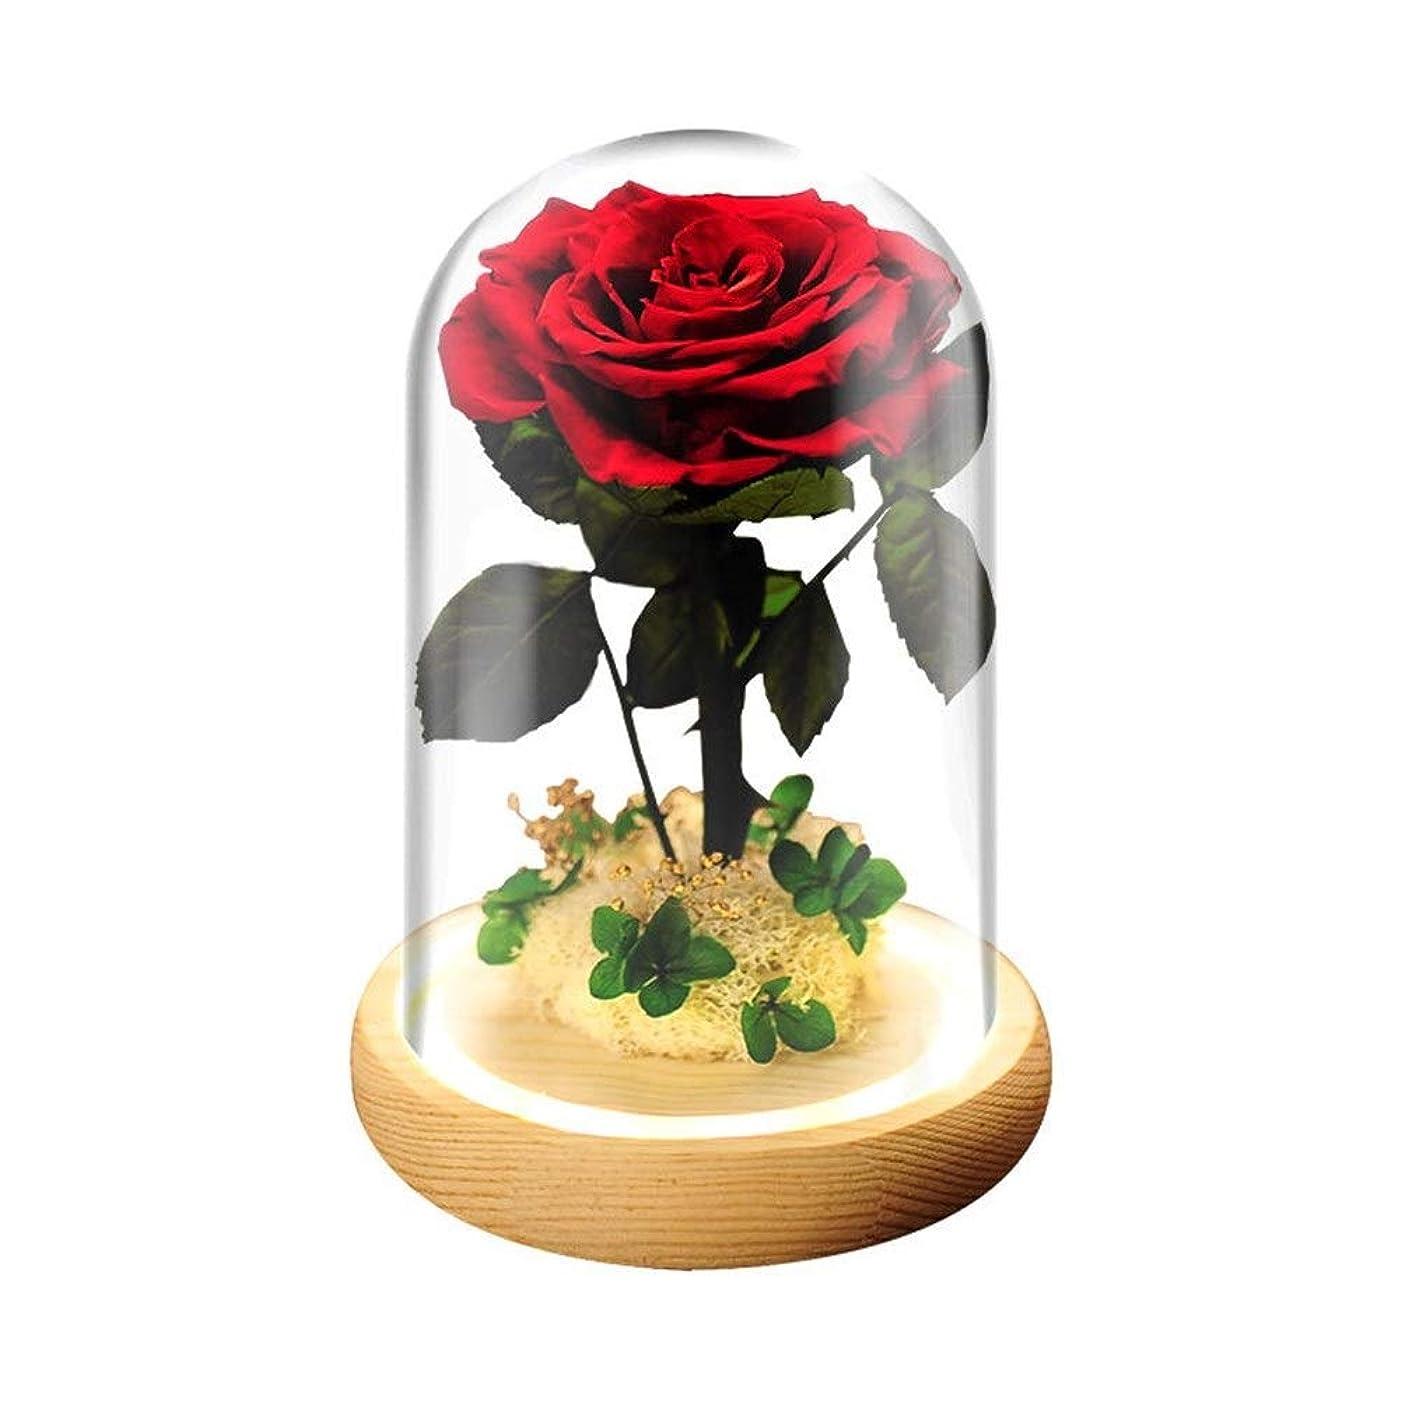 制限する状取る美女と野獣バラ、マジックローズ、手作りのガールフレンドのための花、バレンタインデー、母の日、誕生日プレゼント、クリスマス、ギフトラスティングパーフェクトシルクローズやガラス、花バラ、ロングを作成します